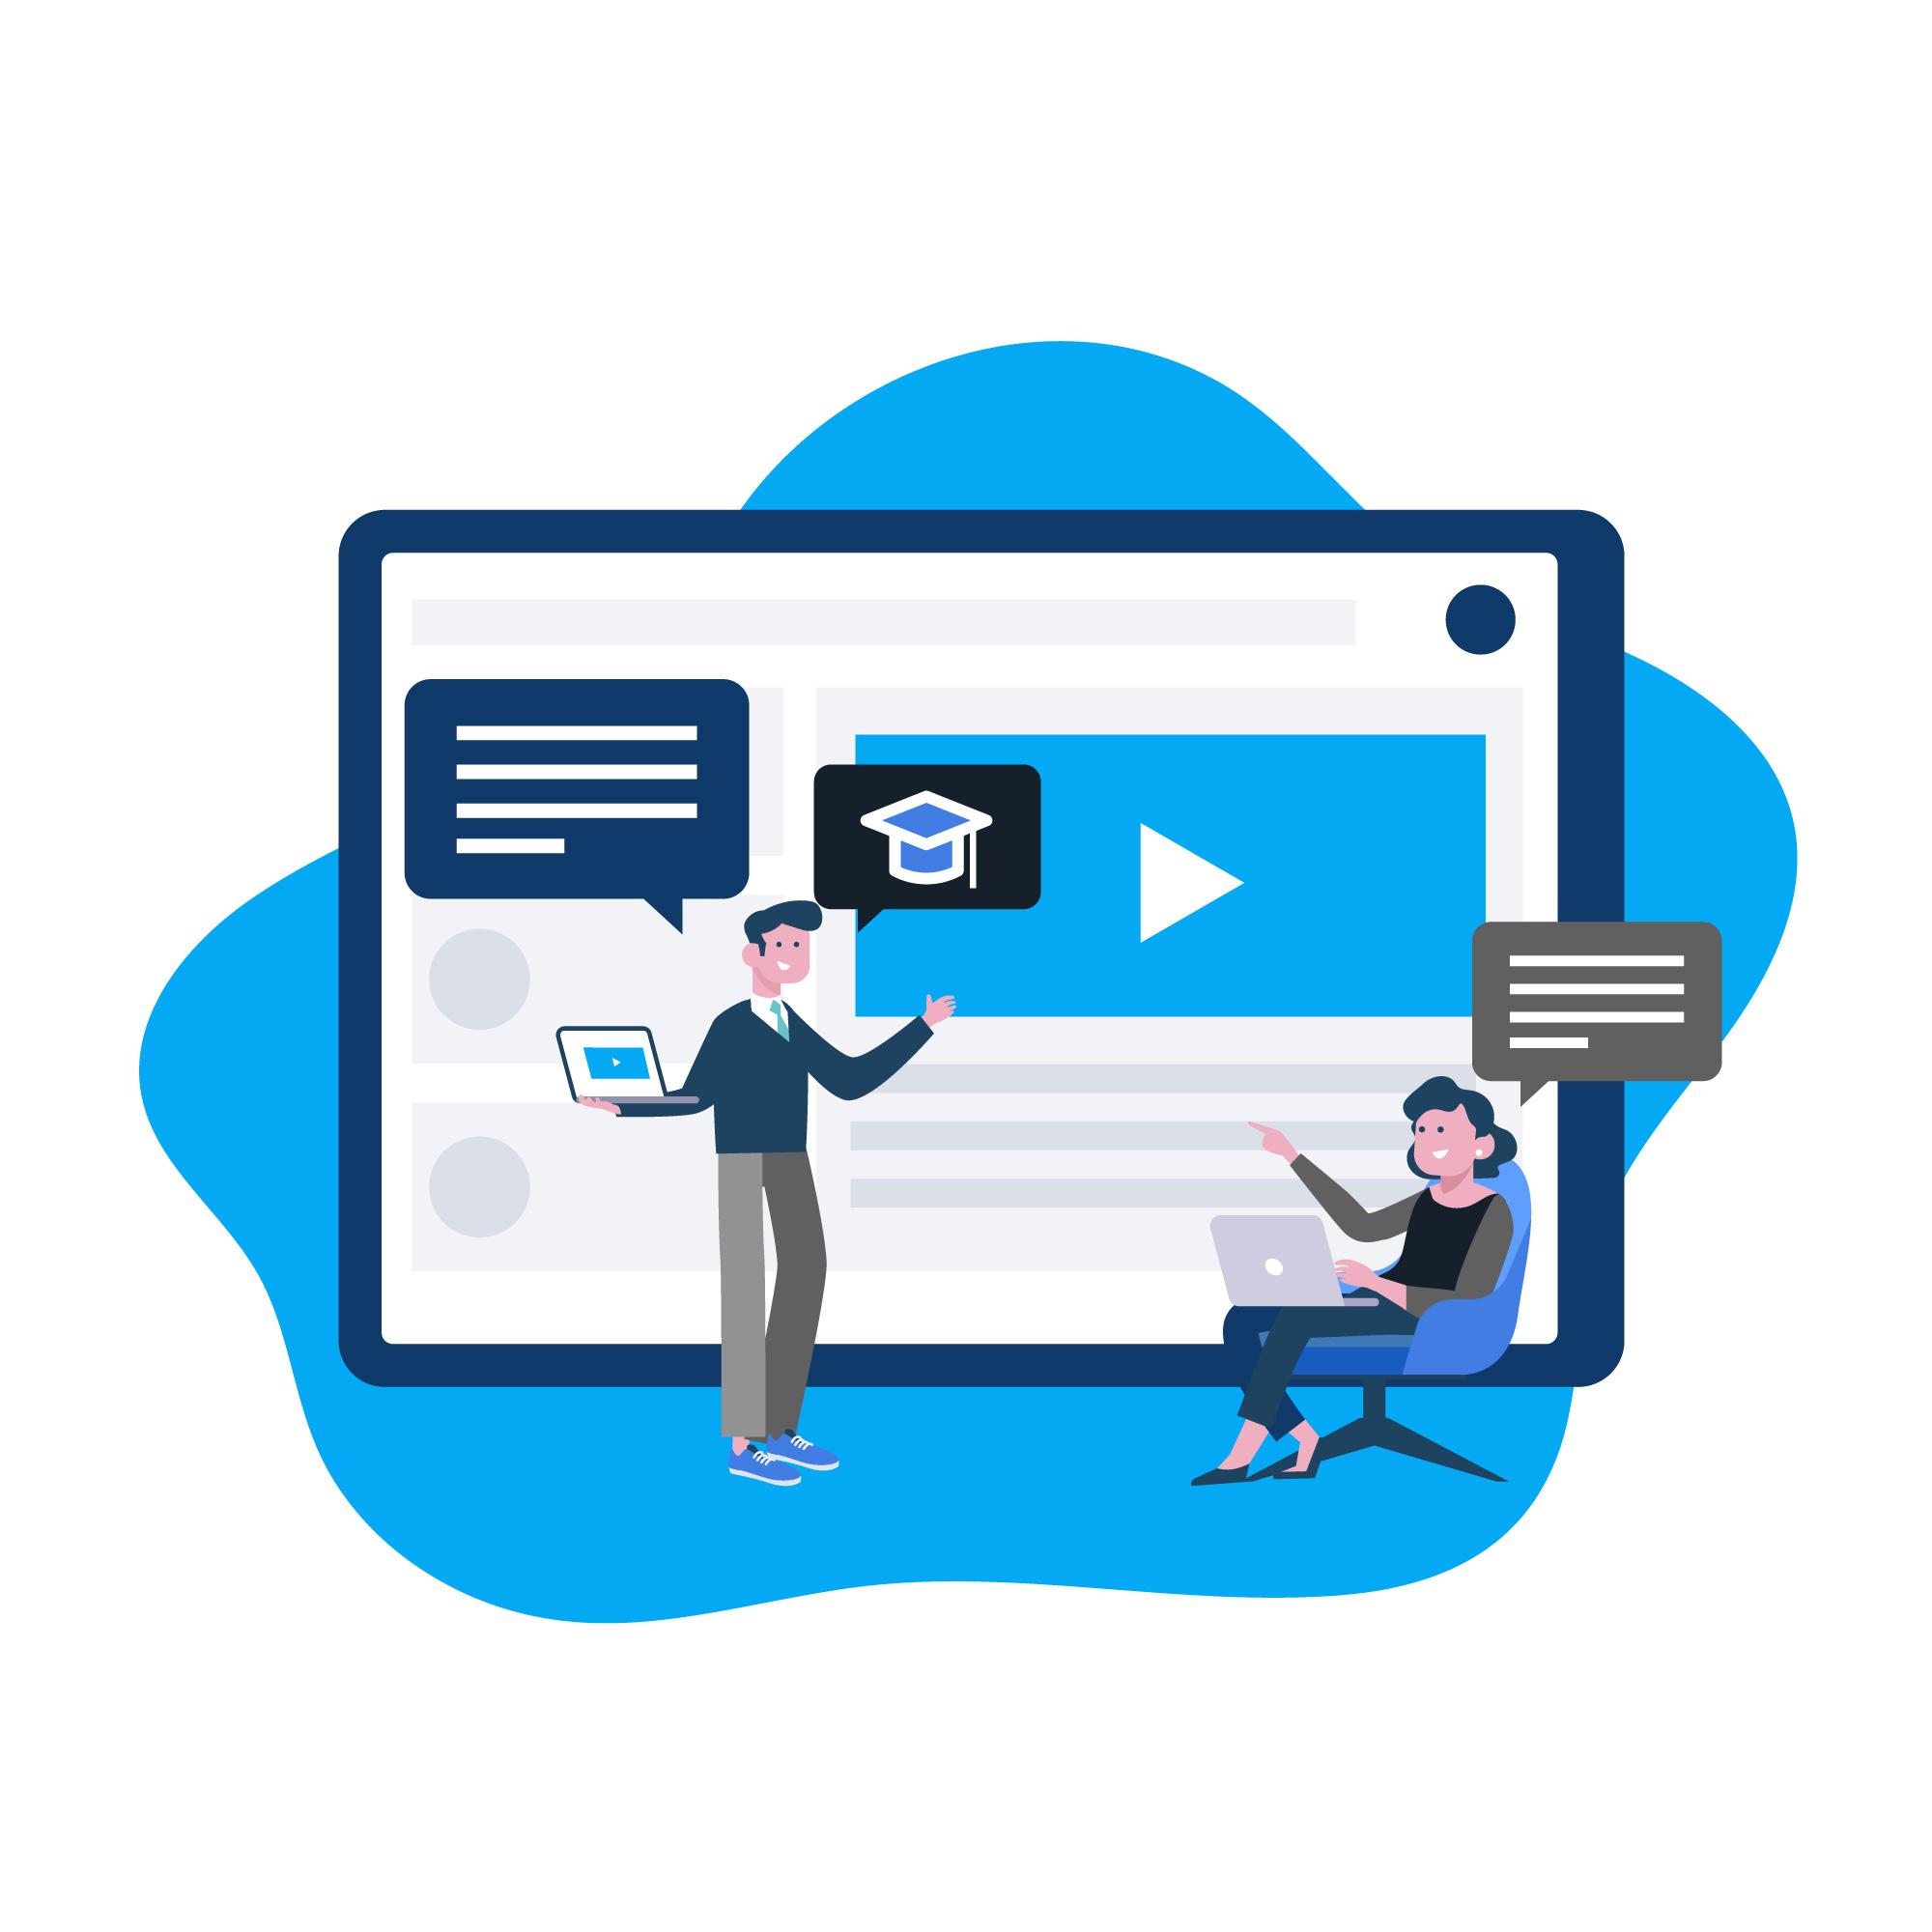 Cursos aprender español academia online estudiantes